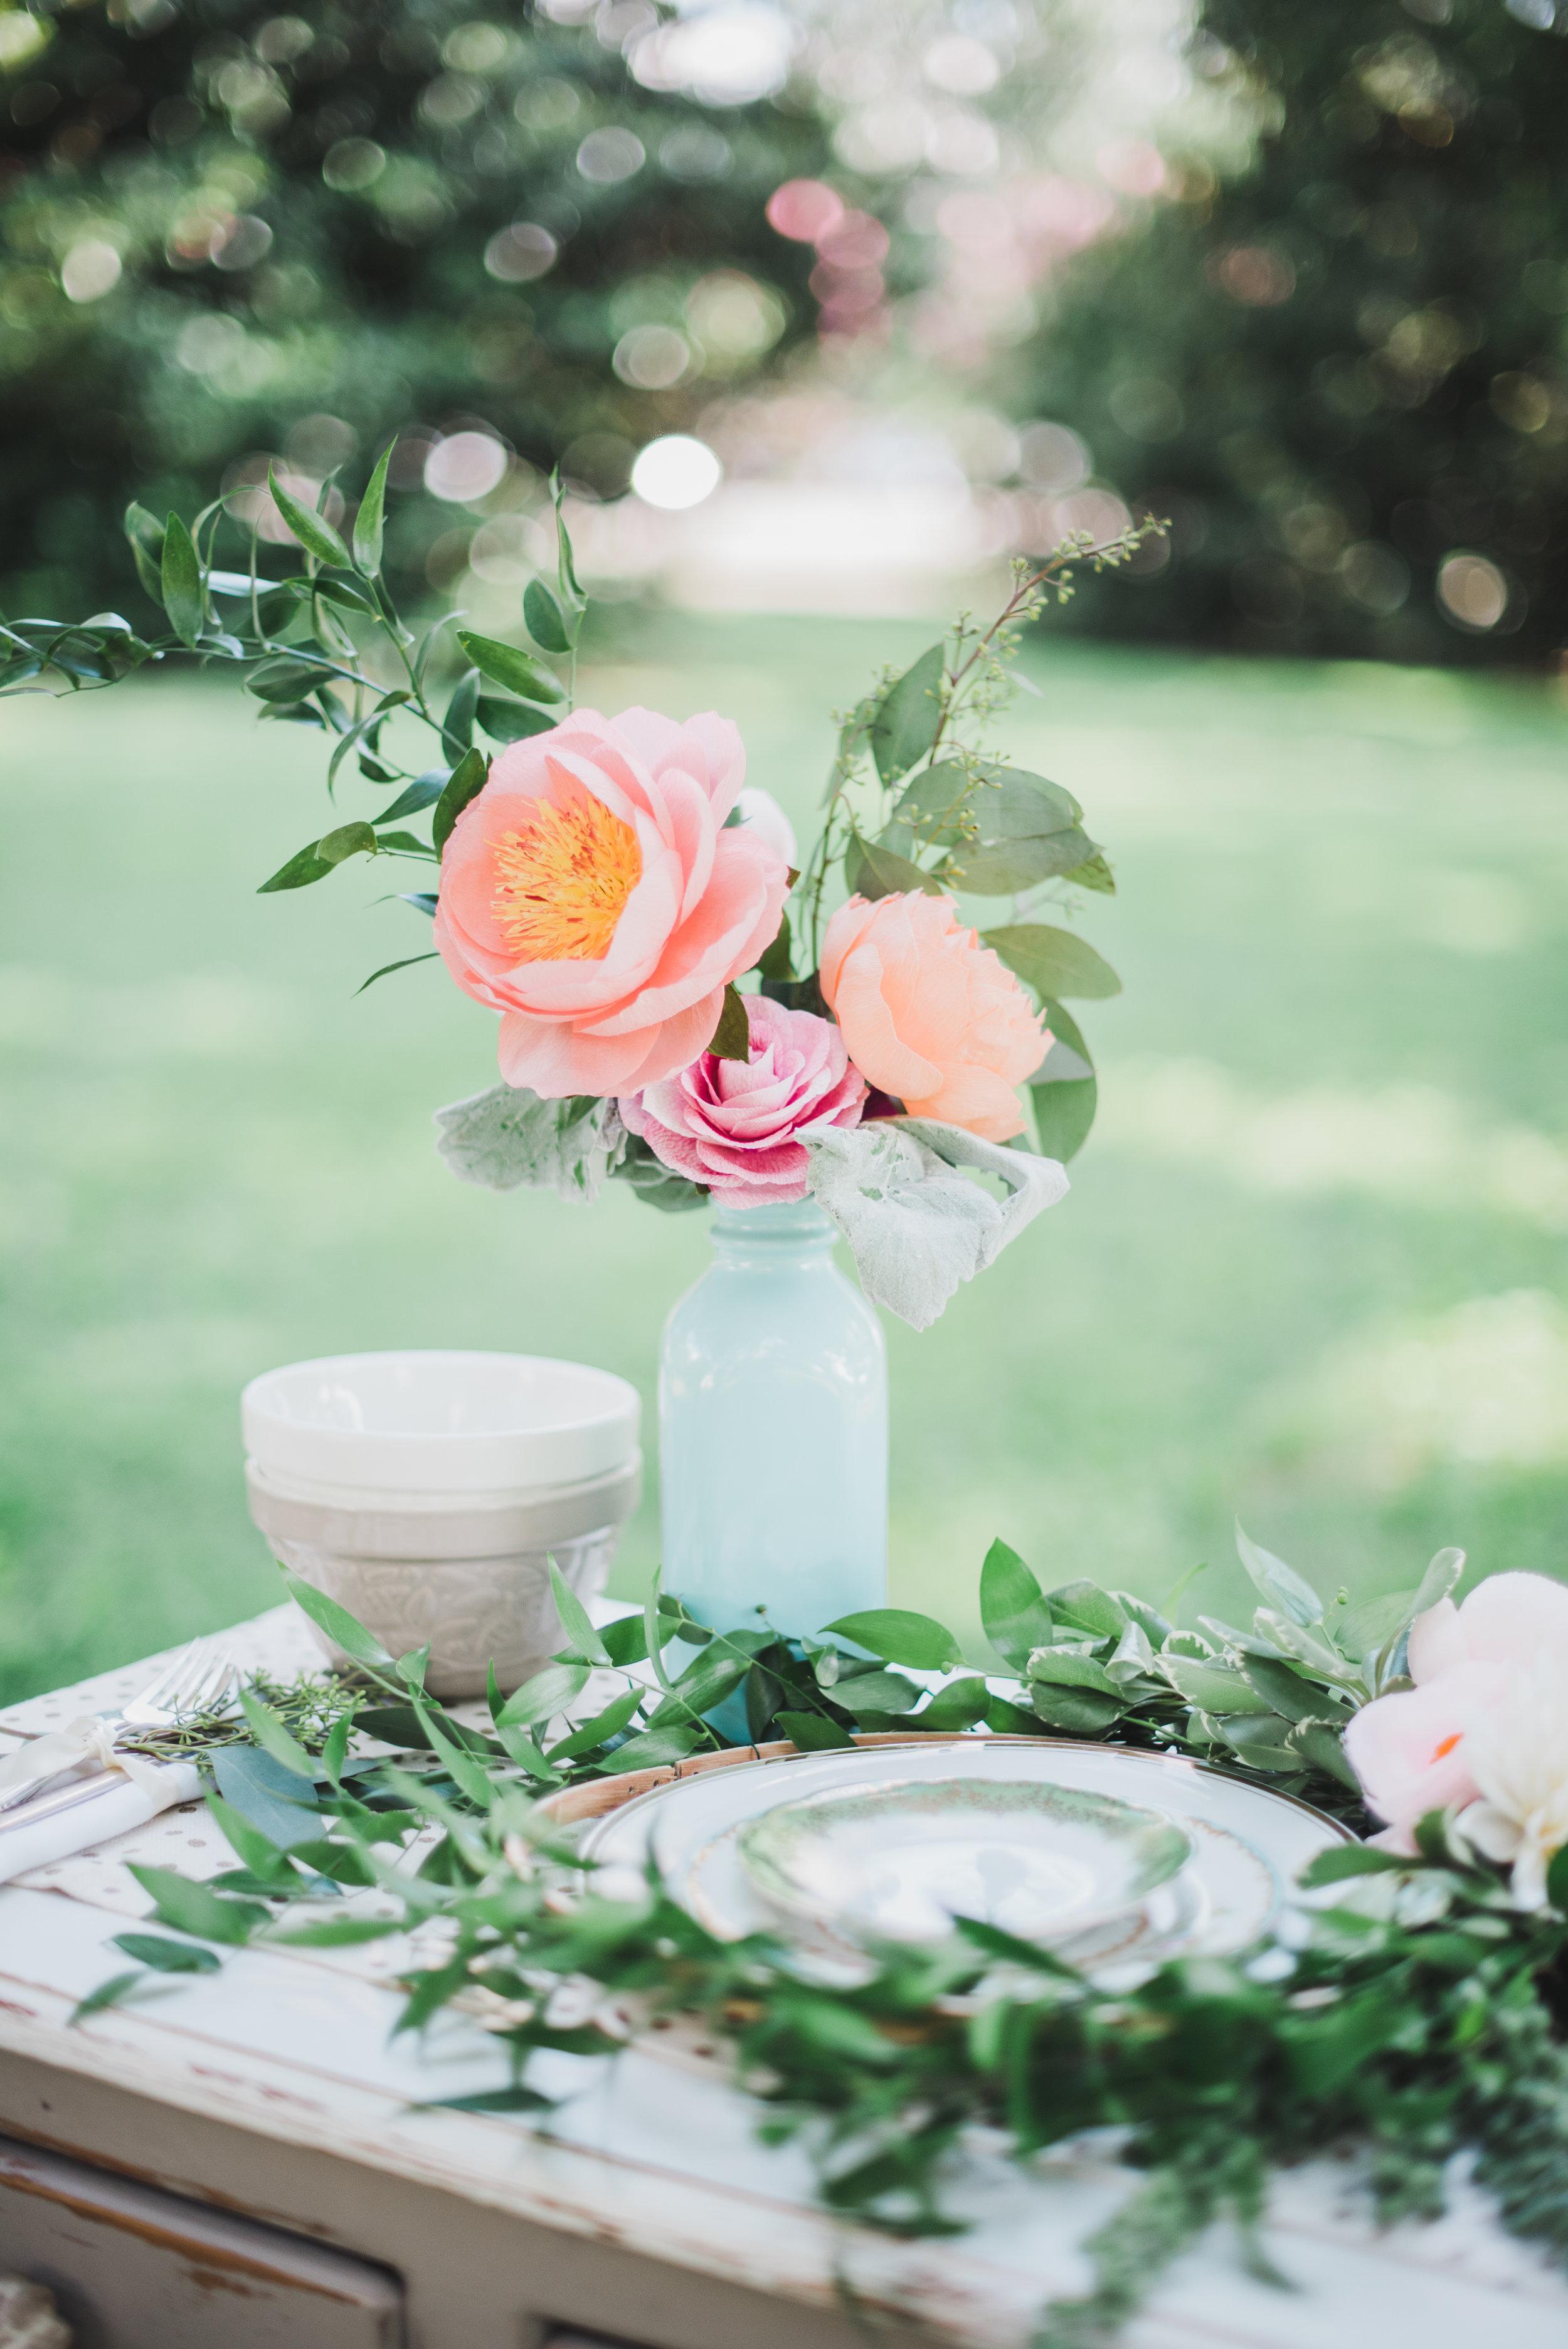 Elegant Garden Photo Shoot: Tablescape